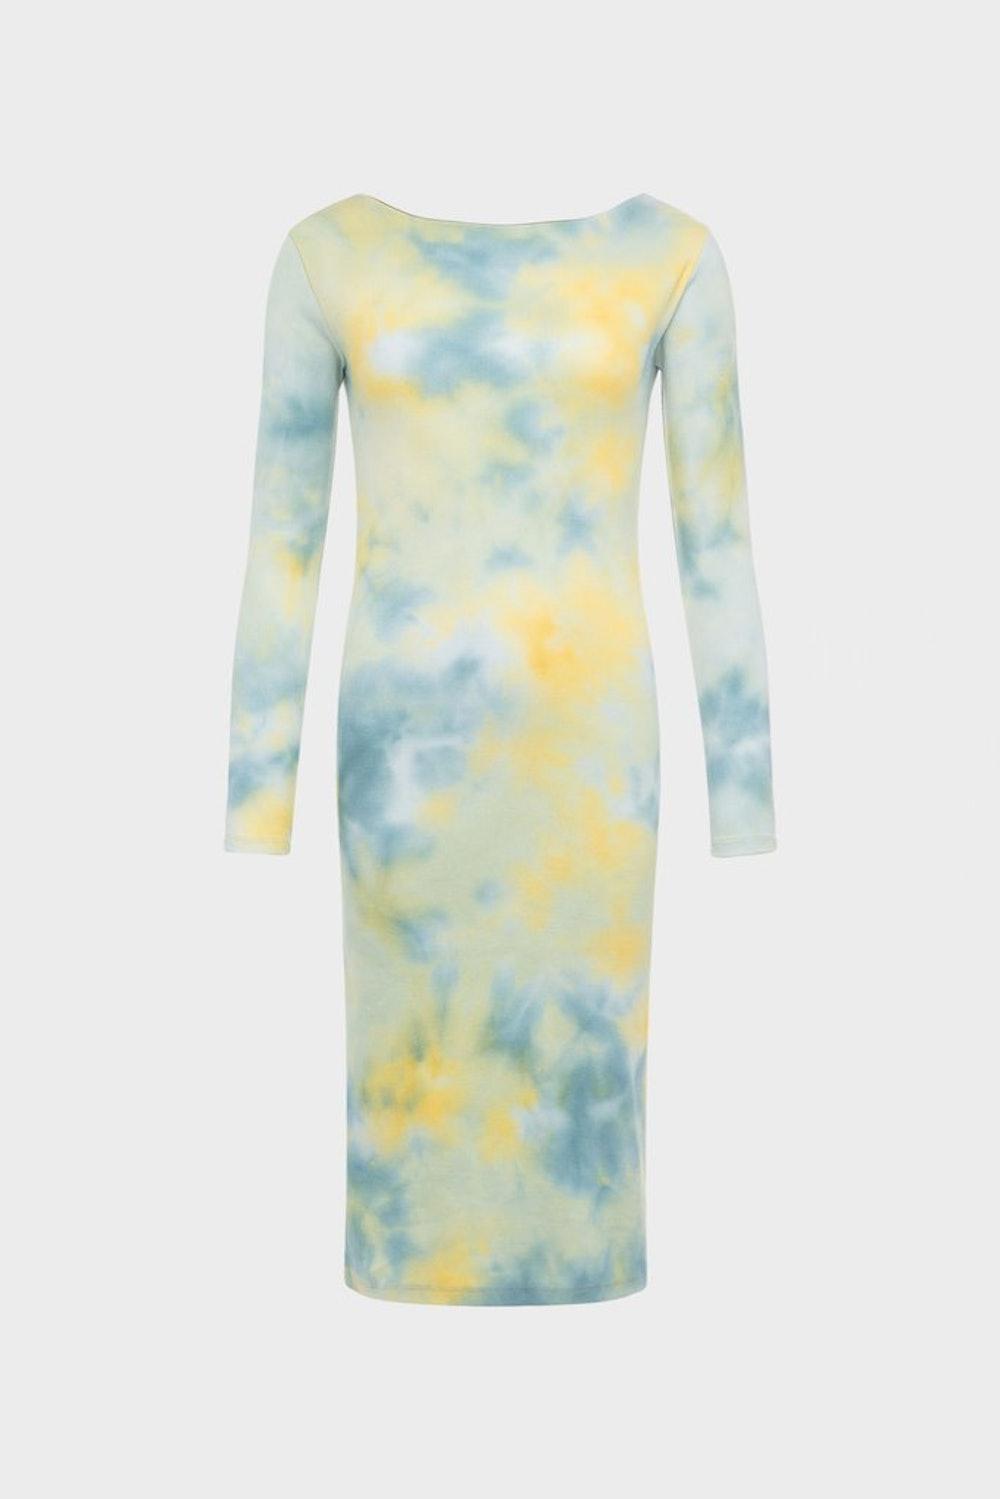 ColorBlast Talla Dress